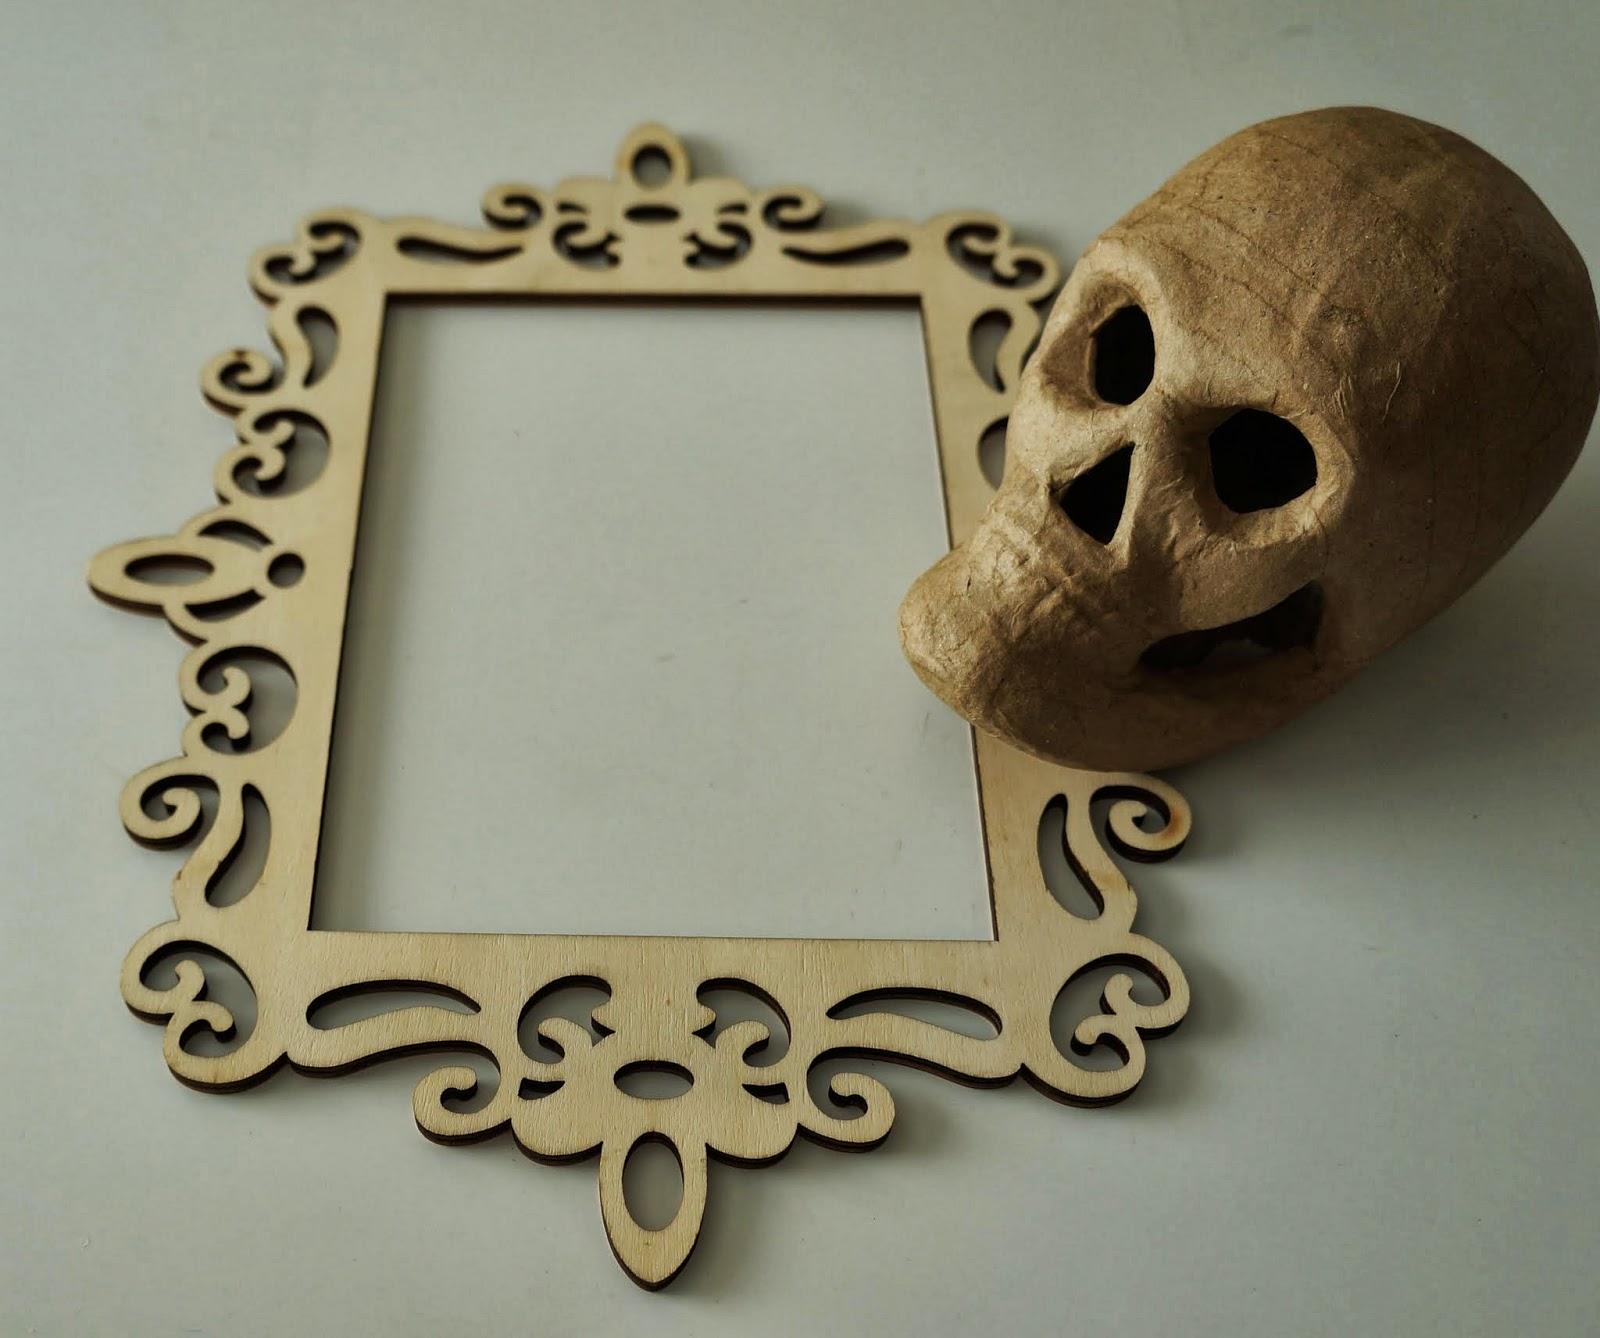 Ginger Wilson: Framed Day of the Dead skulls, Part 1